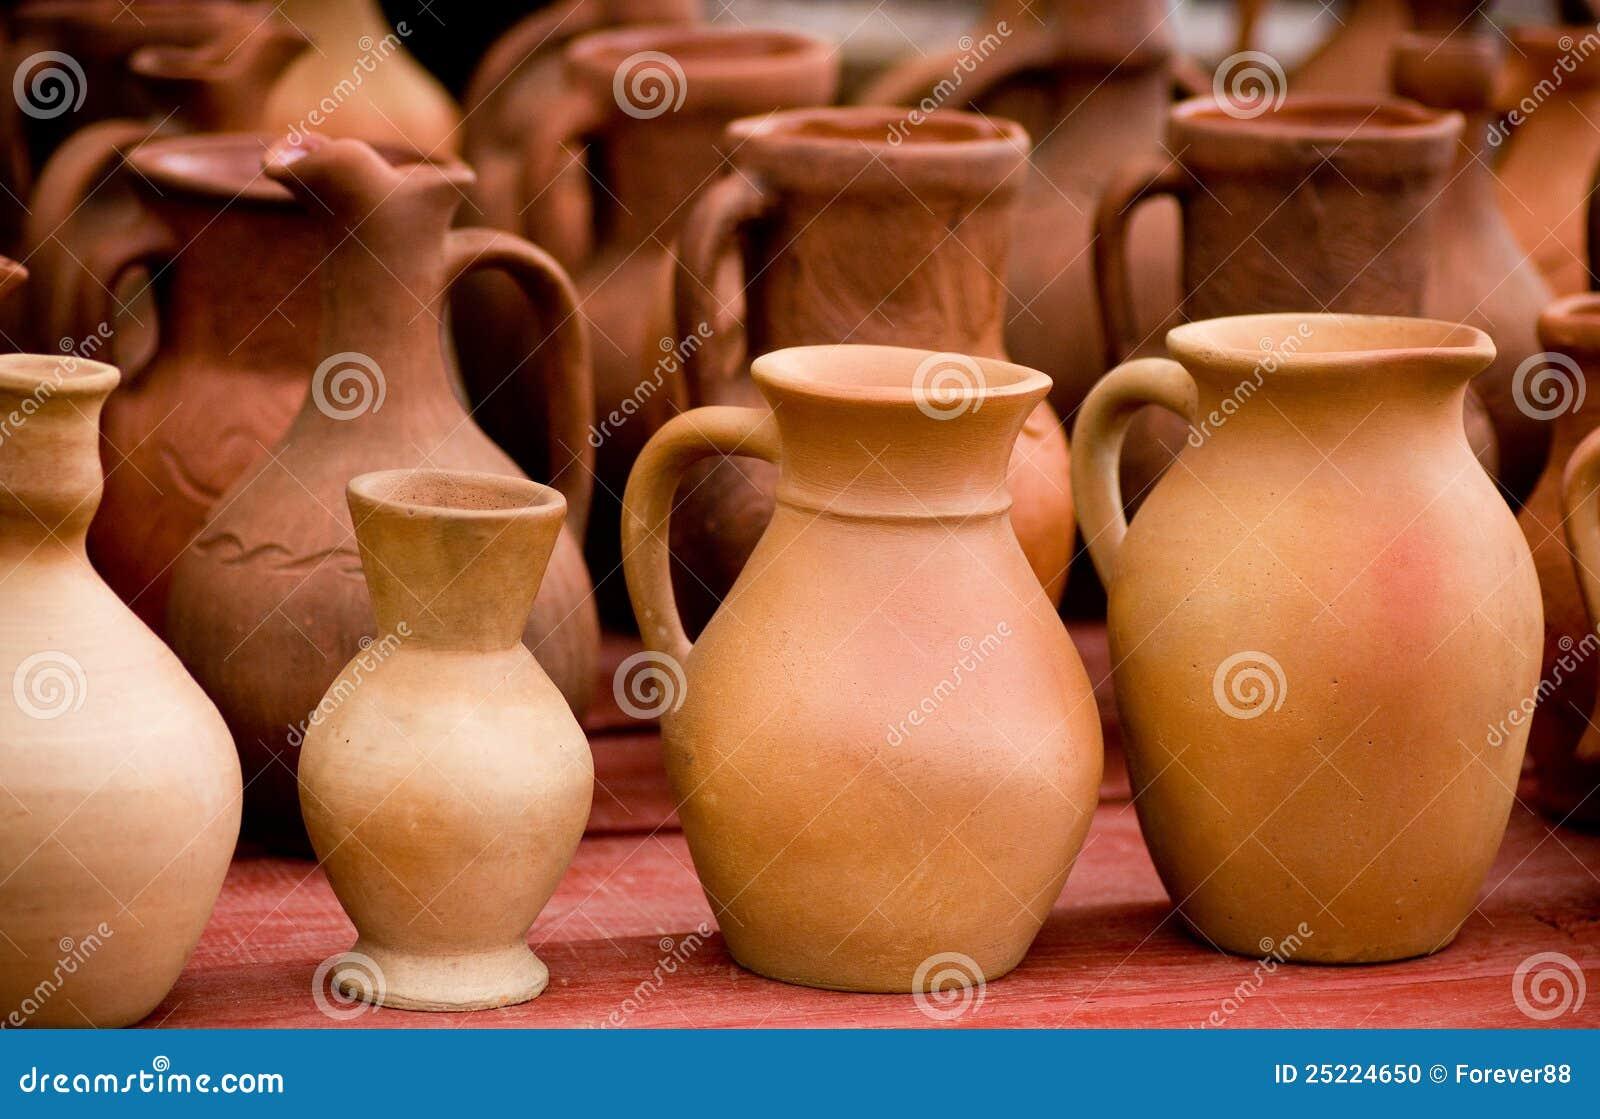 Поделки из глины в домашних условиях фото поделок